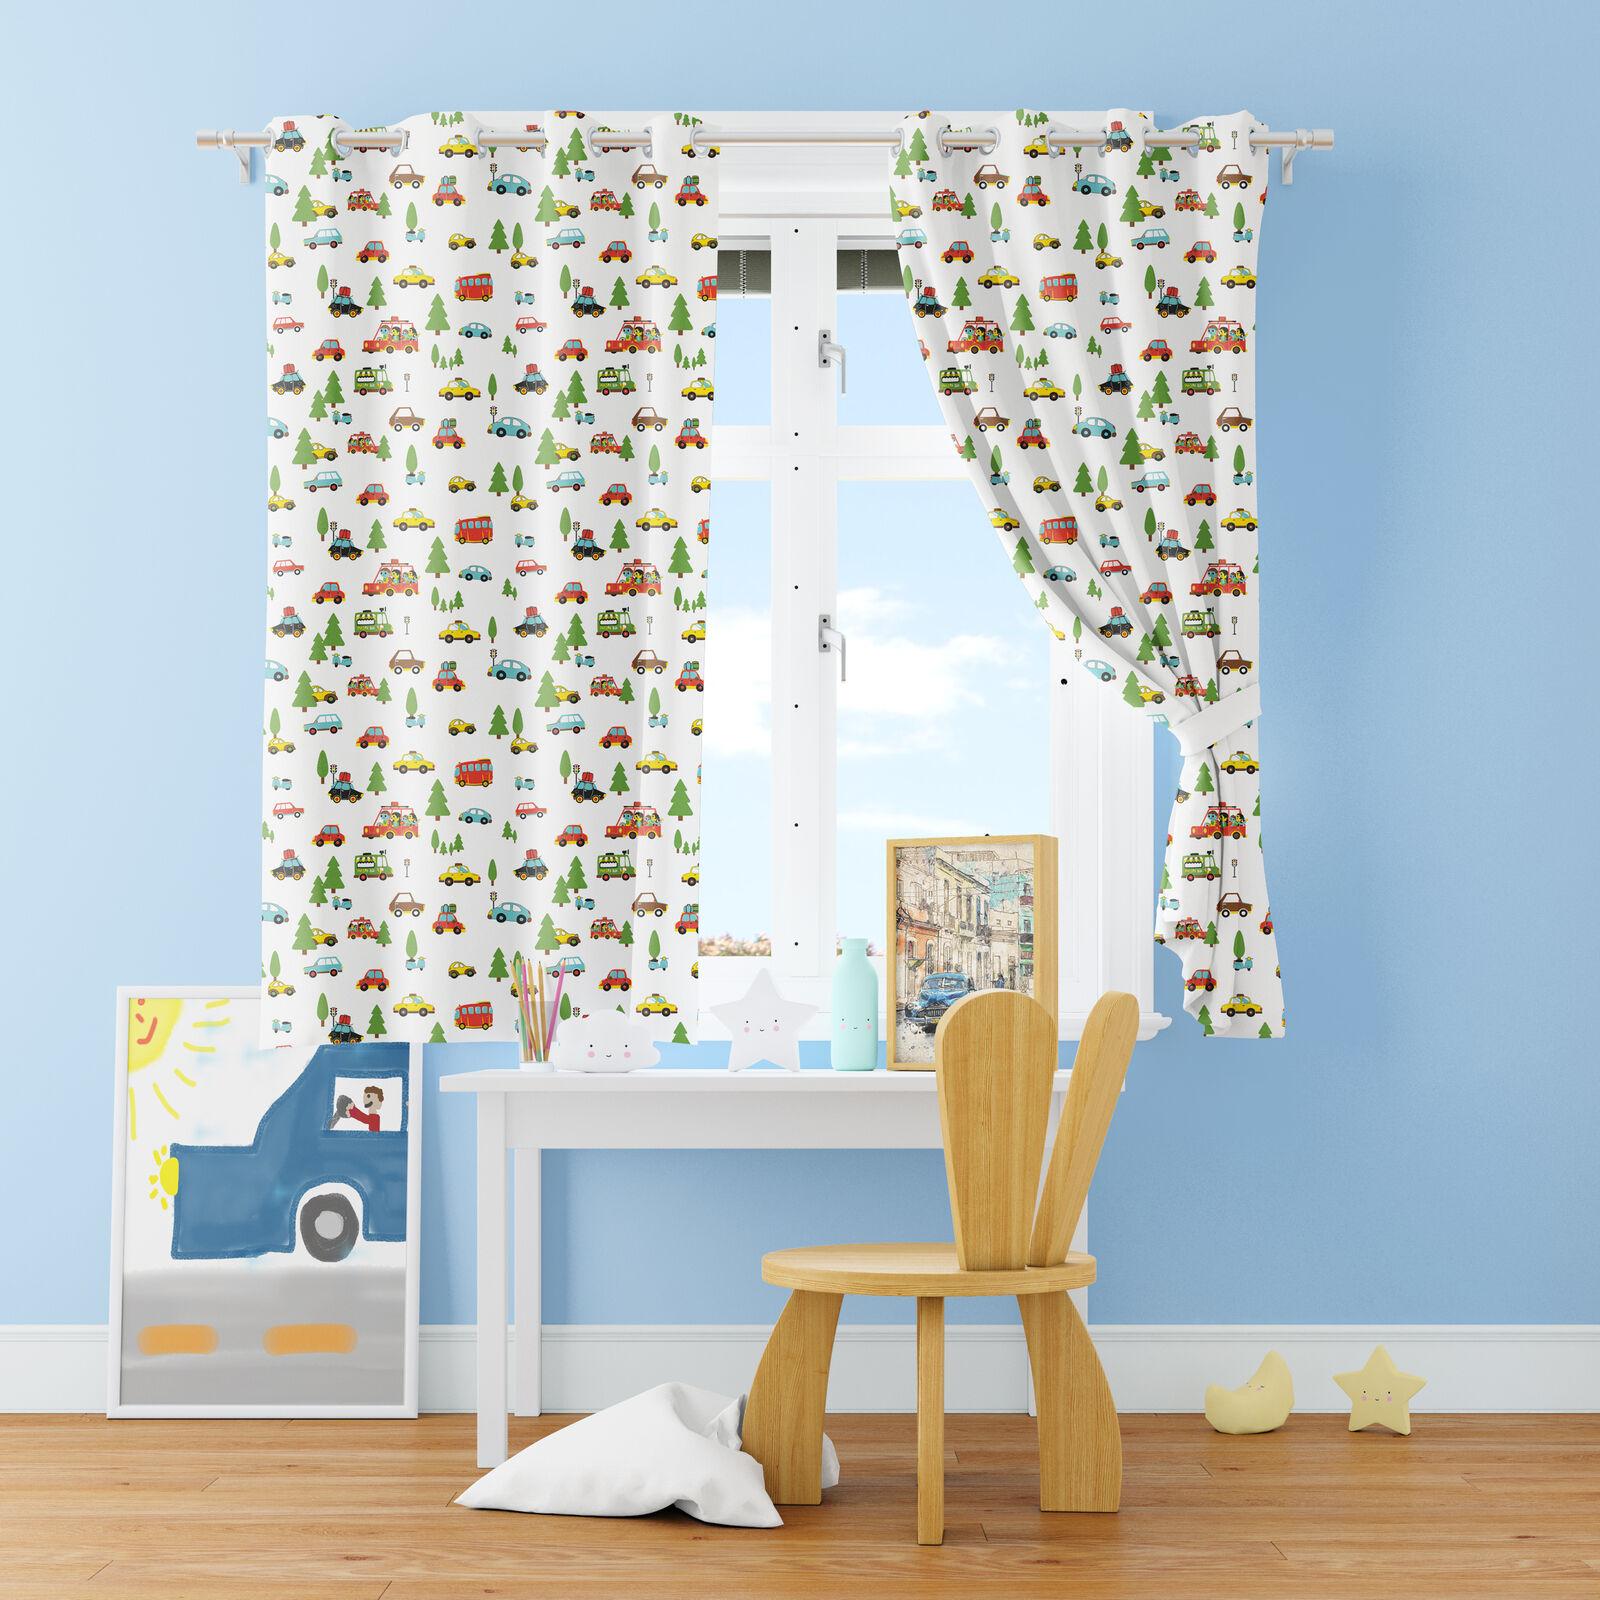 Full Size of Kinderzimmer Vorhnge Gardinen Fr Und Babys Verschiedenen Vorhänge Küche Regal Weiß Schlafzimmer Regale Wohnzimmer Sofa Kinderzimmer Kinderzimmer Vorhänge